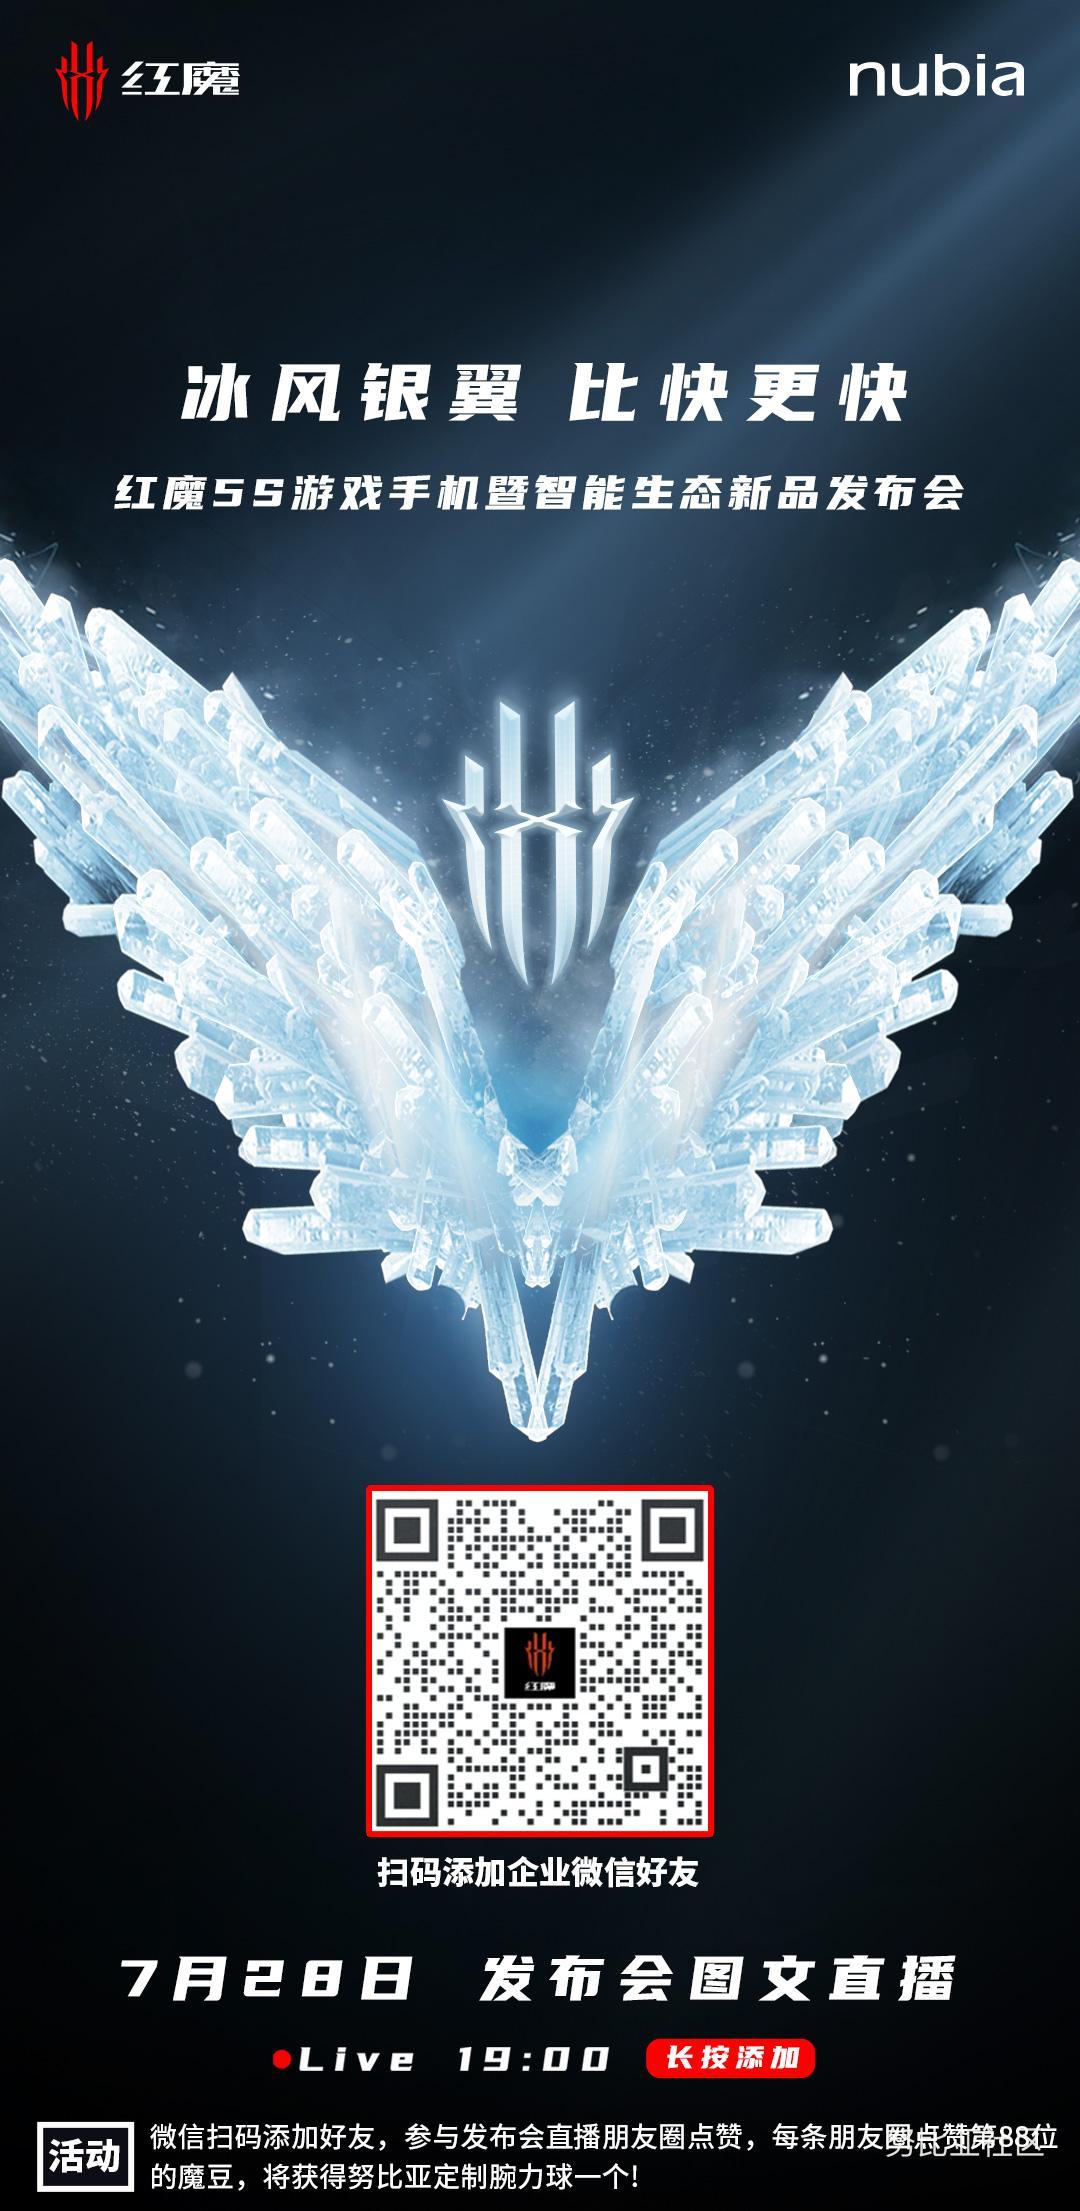 冰风银翼发布会(1).jpg